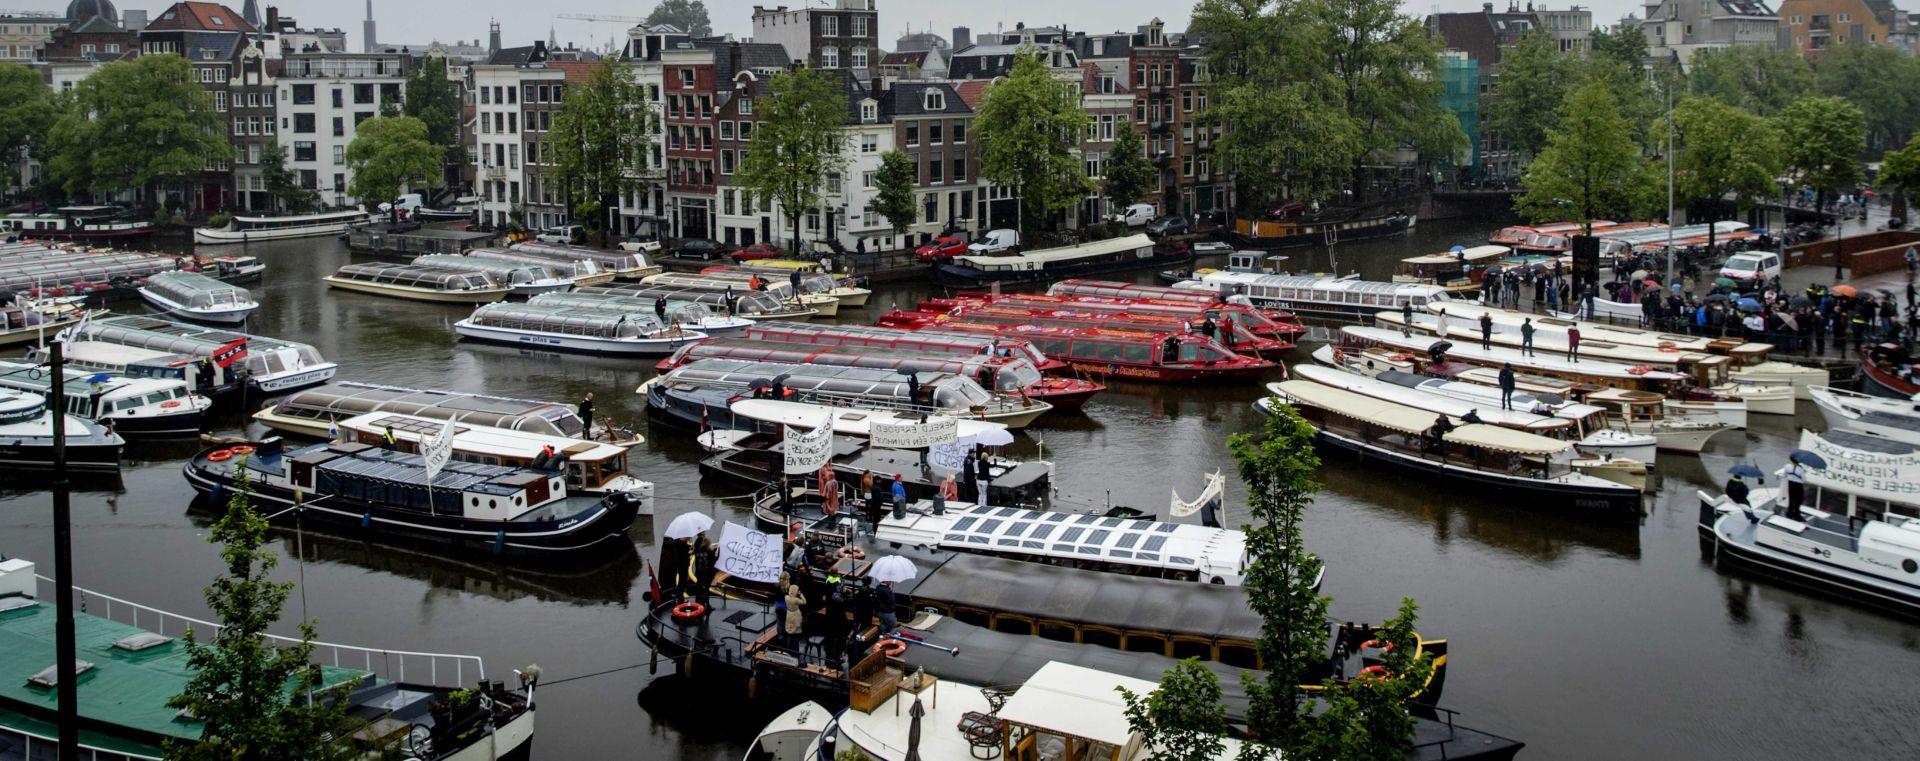 Petero ljudi ozlijeđeno pred glavnom željezničkom postajom u Amsterdamu